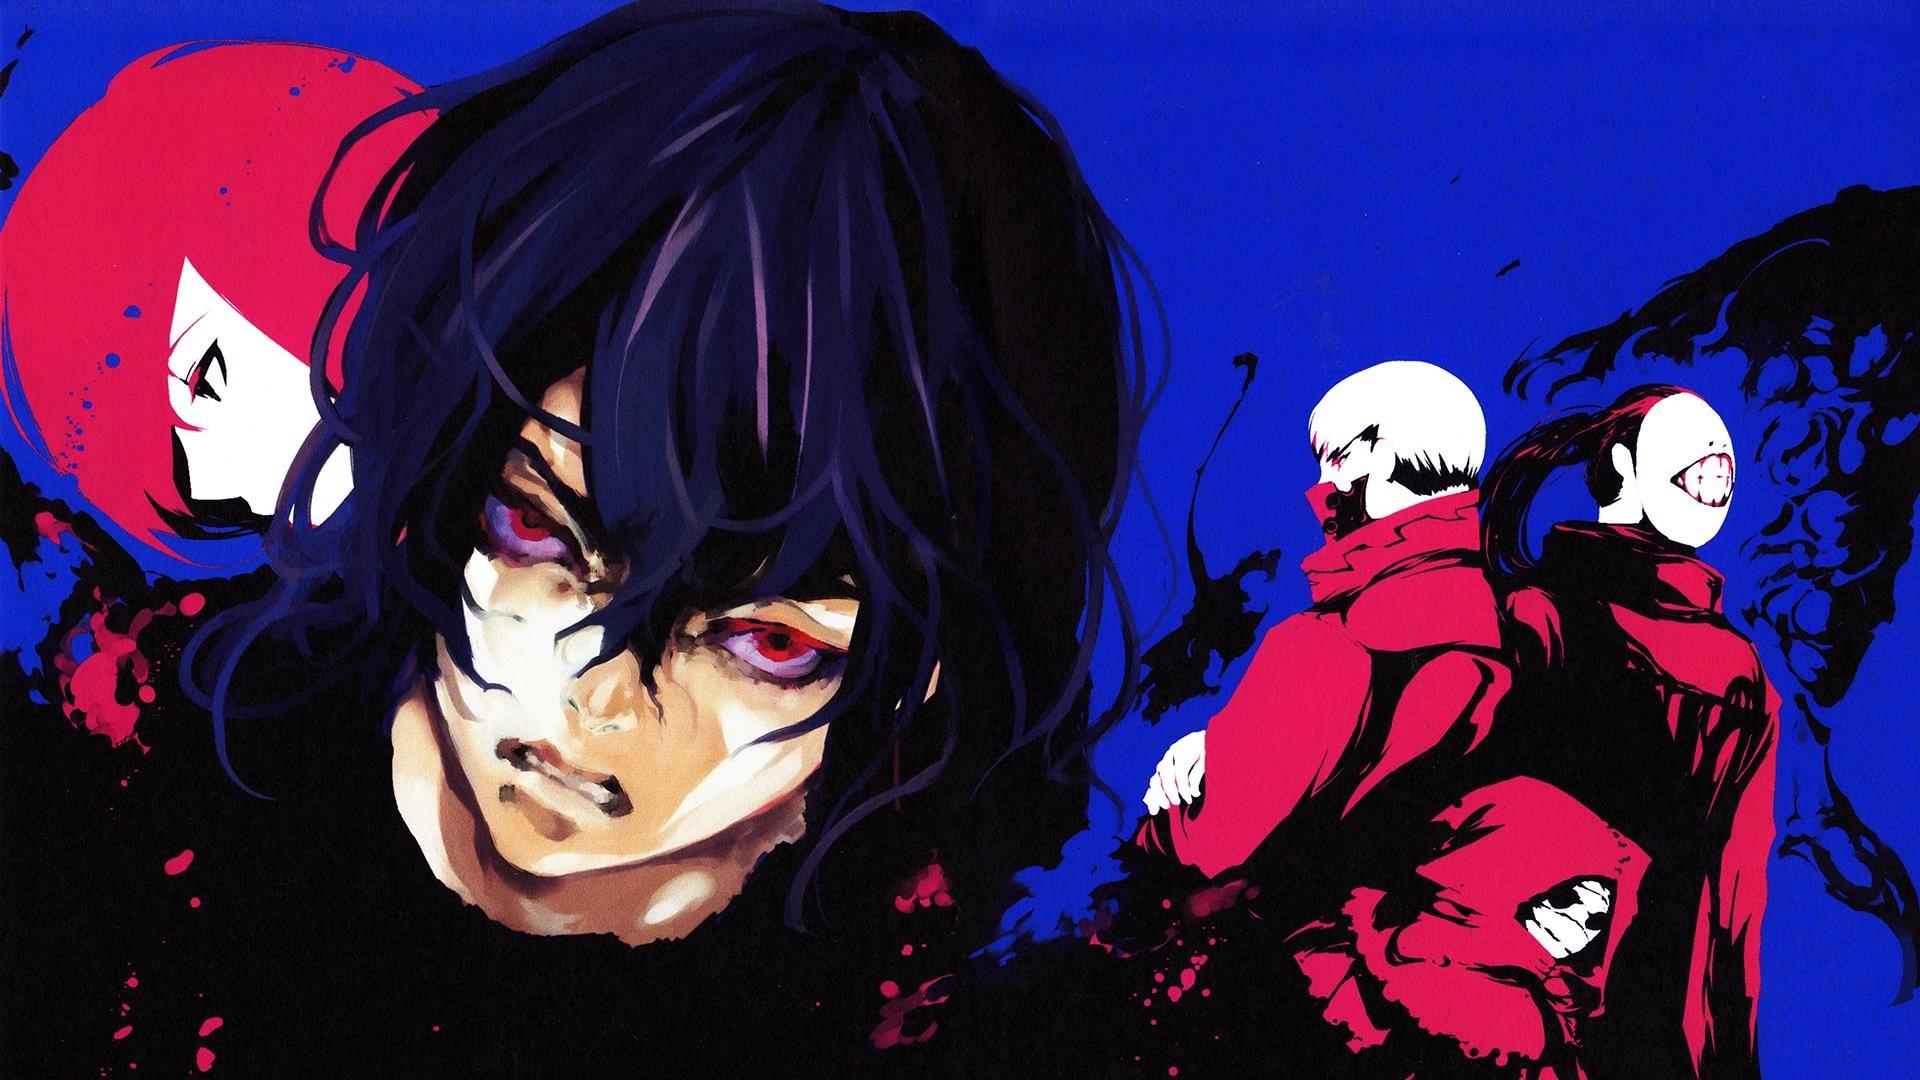 Anime – Tokyo Ghoul Eto Yoshimura Ayato Kirishima Touka Kirishima Noro (Tokyo  Ghoul) Tatara